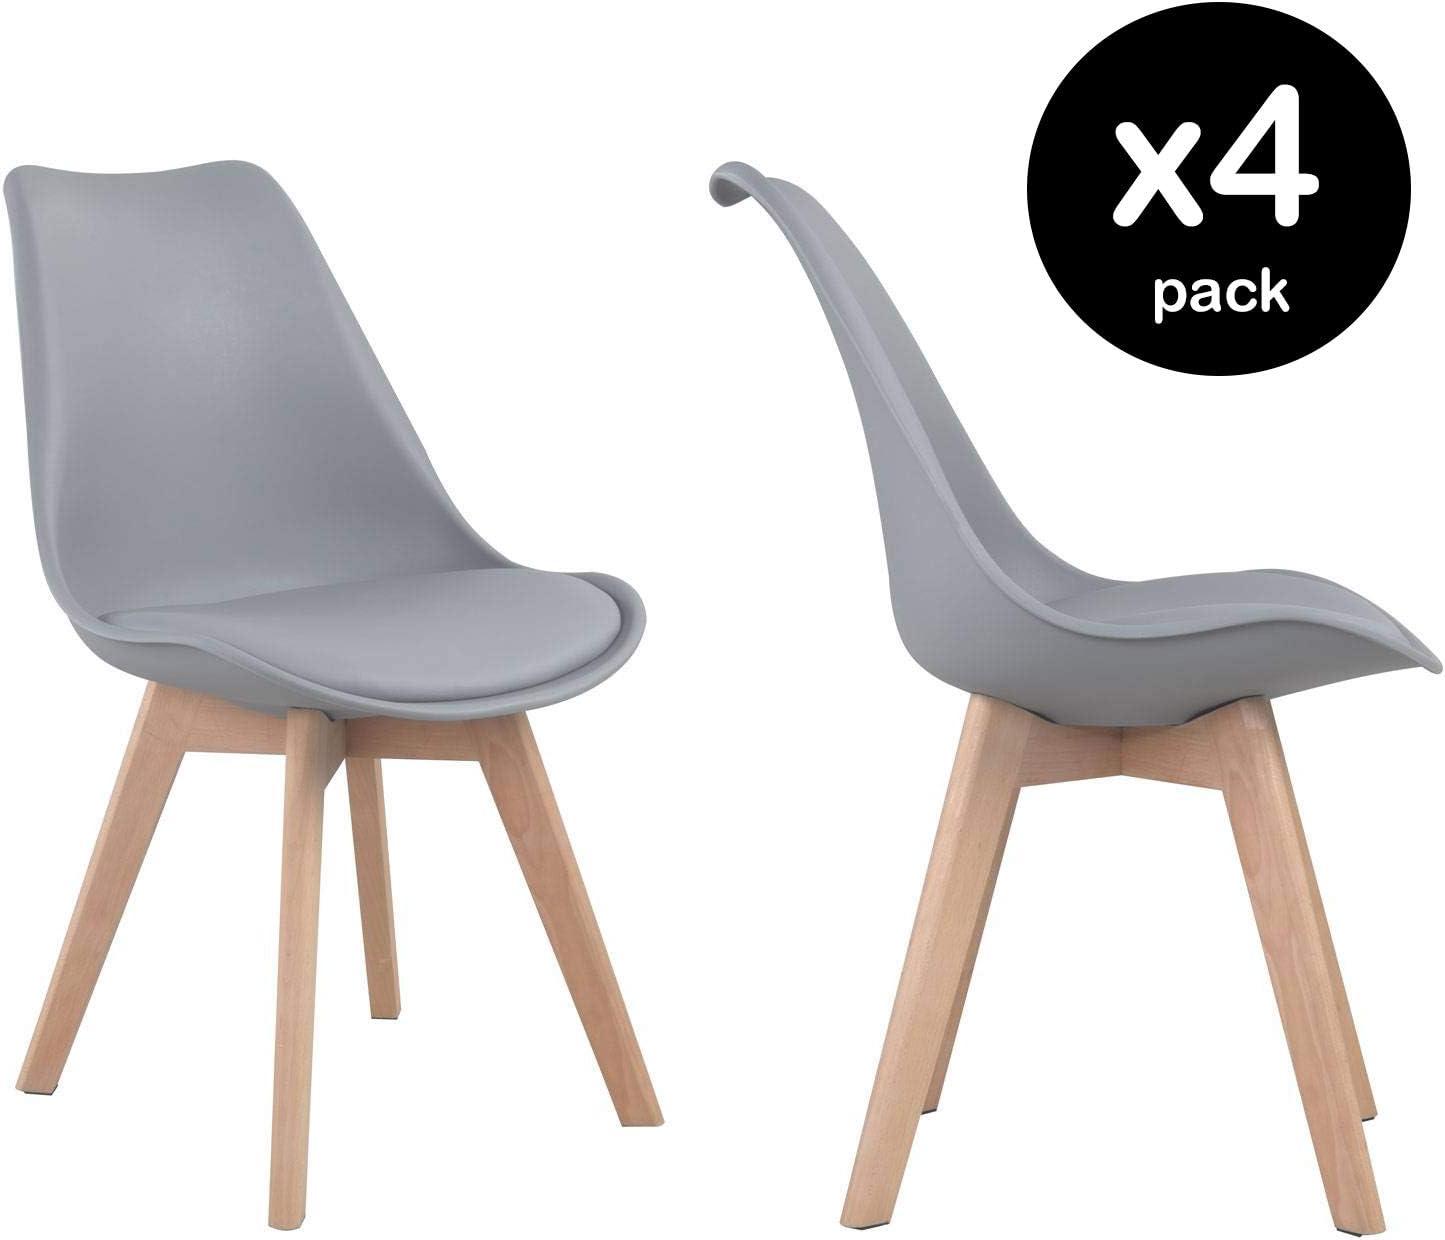 Beneffito Conjunto de 4 sillas escandinavas Gris con Cojines de Asiento y Patas de Madera Maciza SENJA